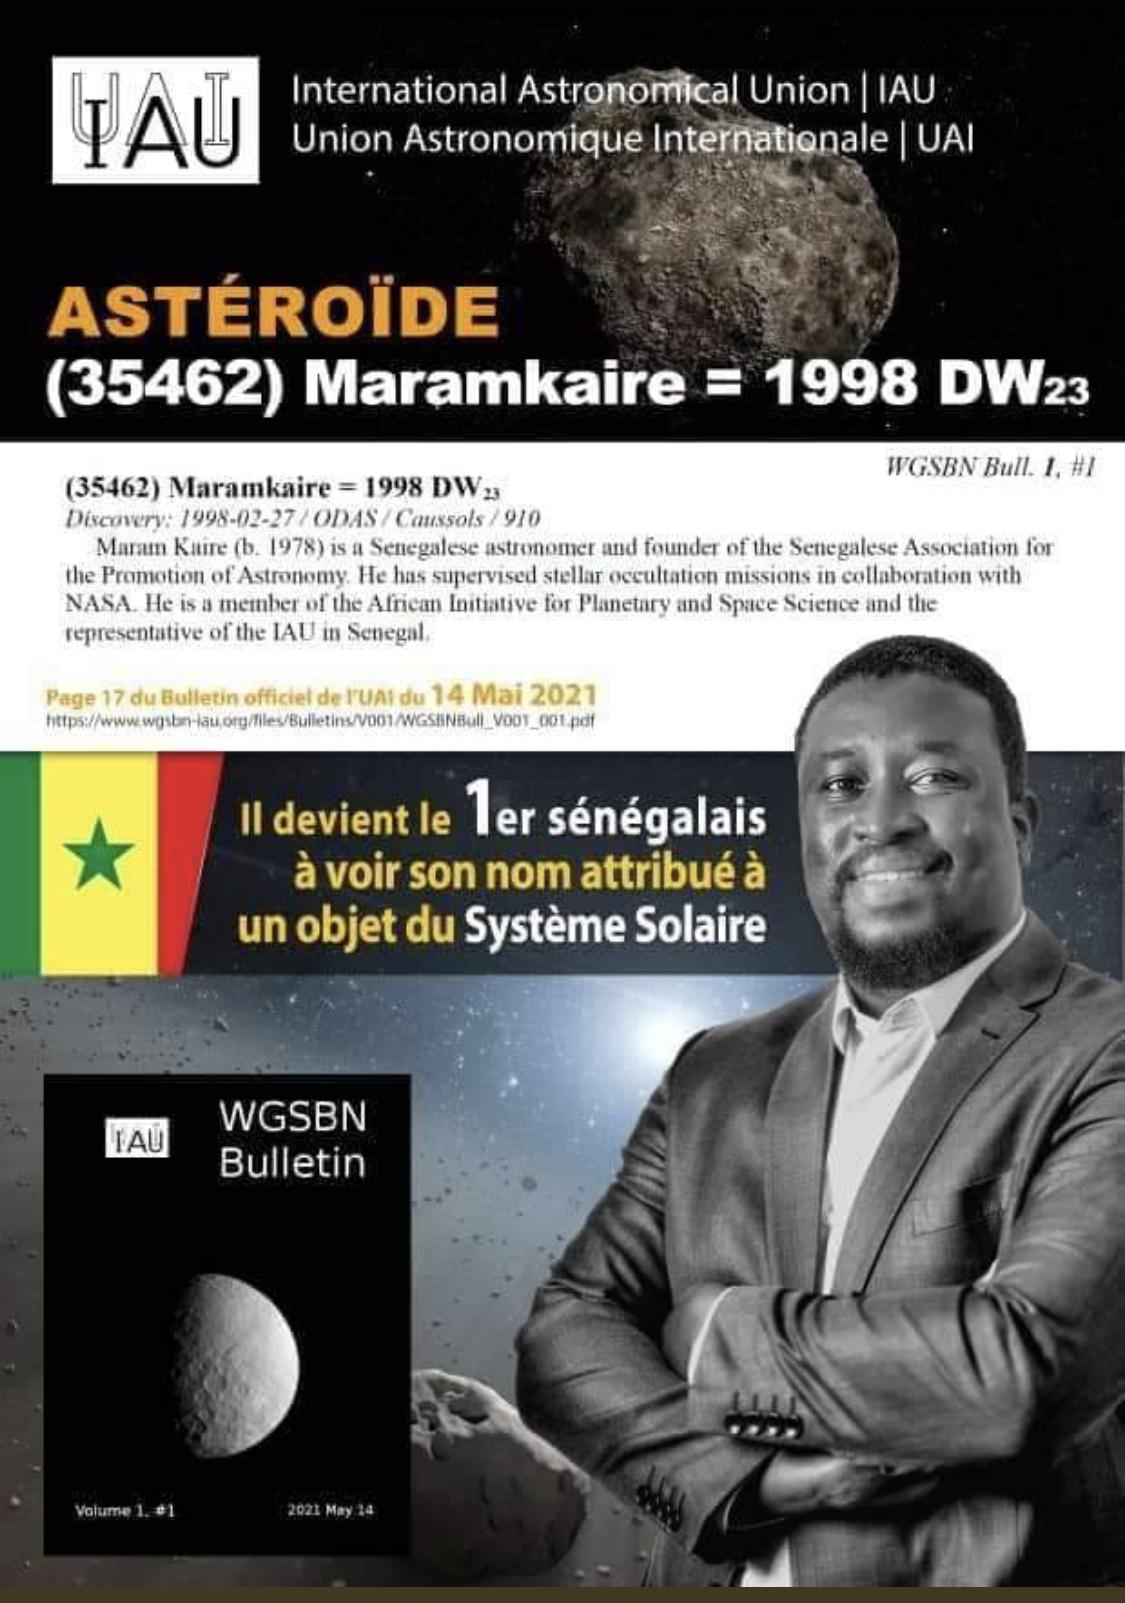 Le Sénégal honoré : Maram Kaire devient le premier sénégalais dont un astéroïde porte le nom